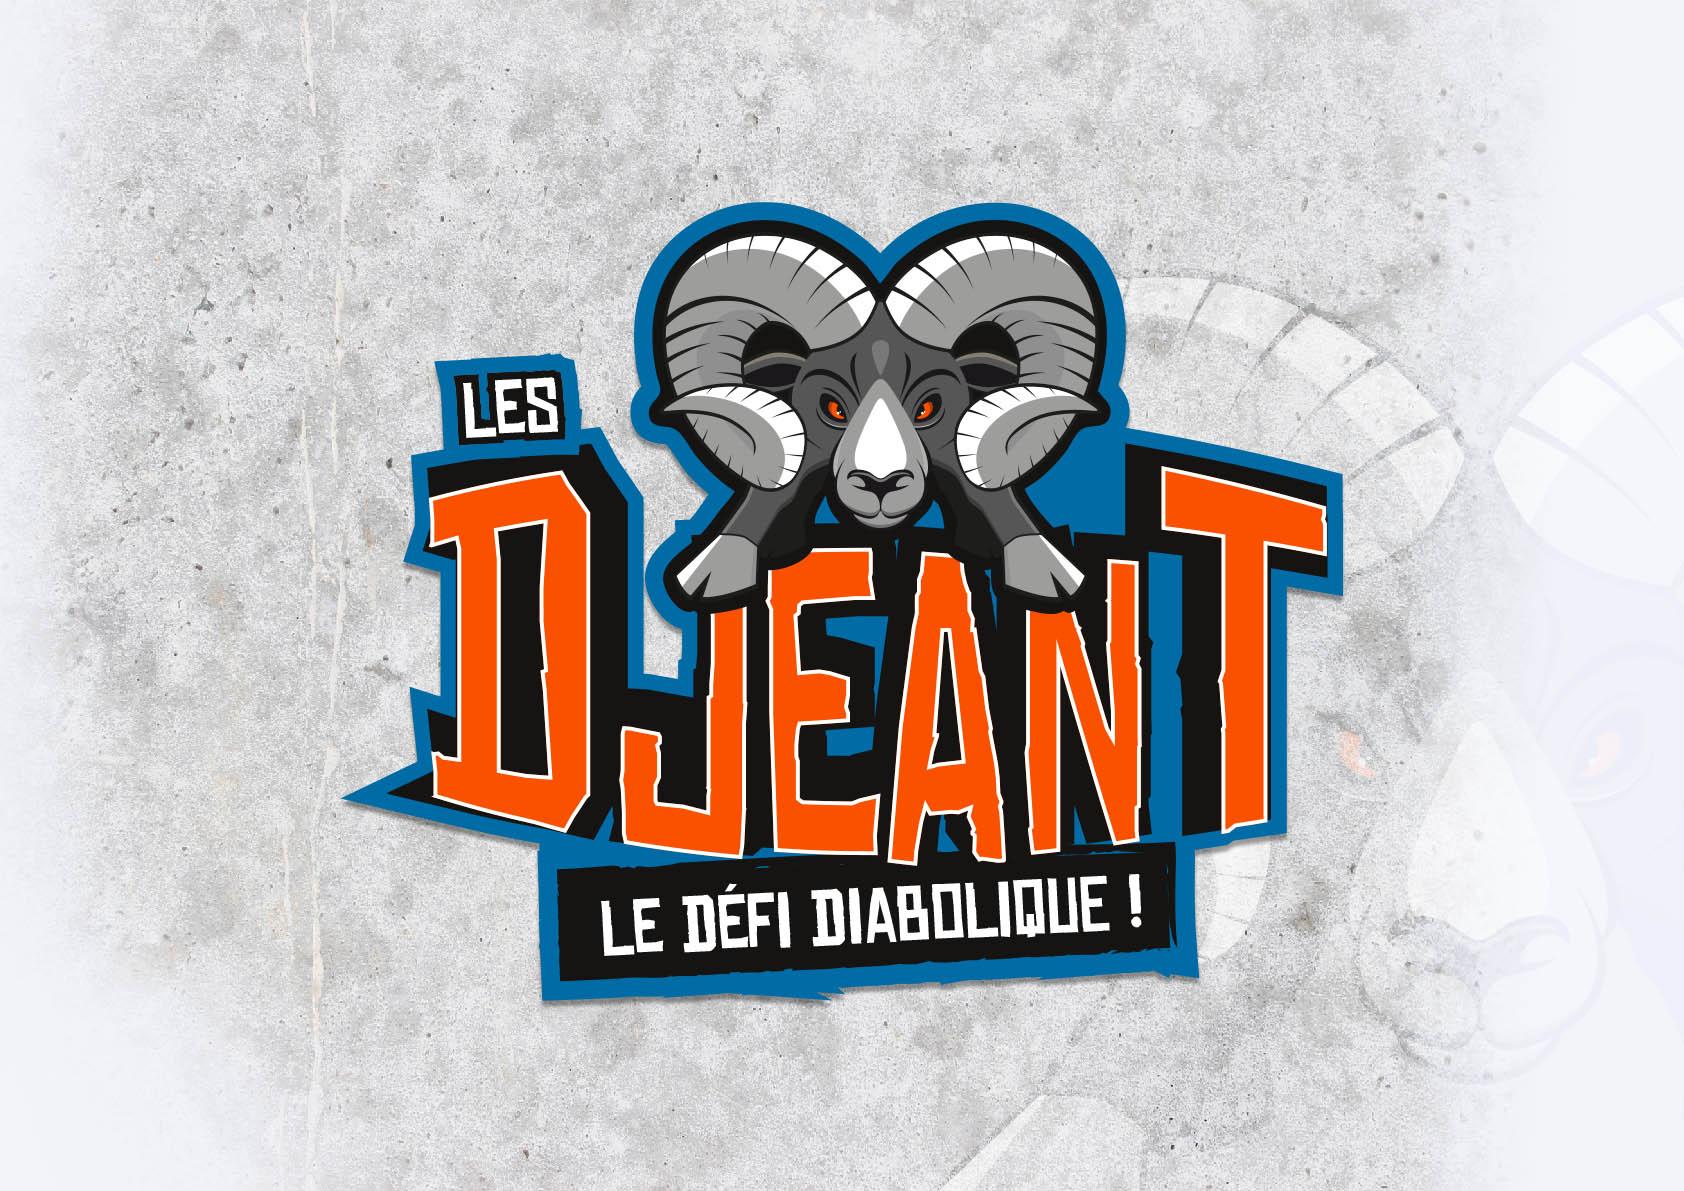 Identité Graphique pour Les DjeanT